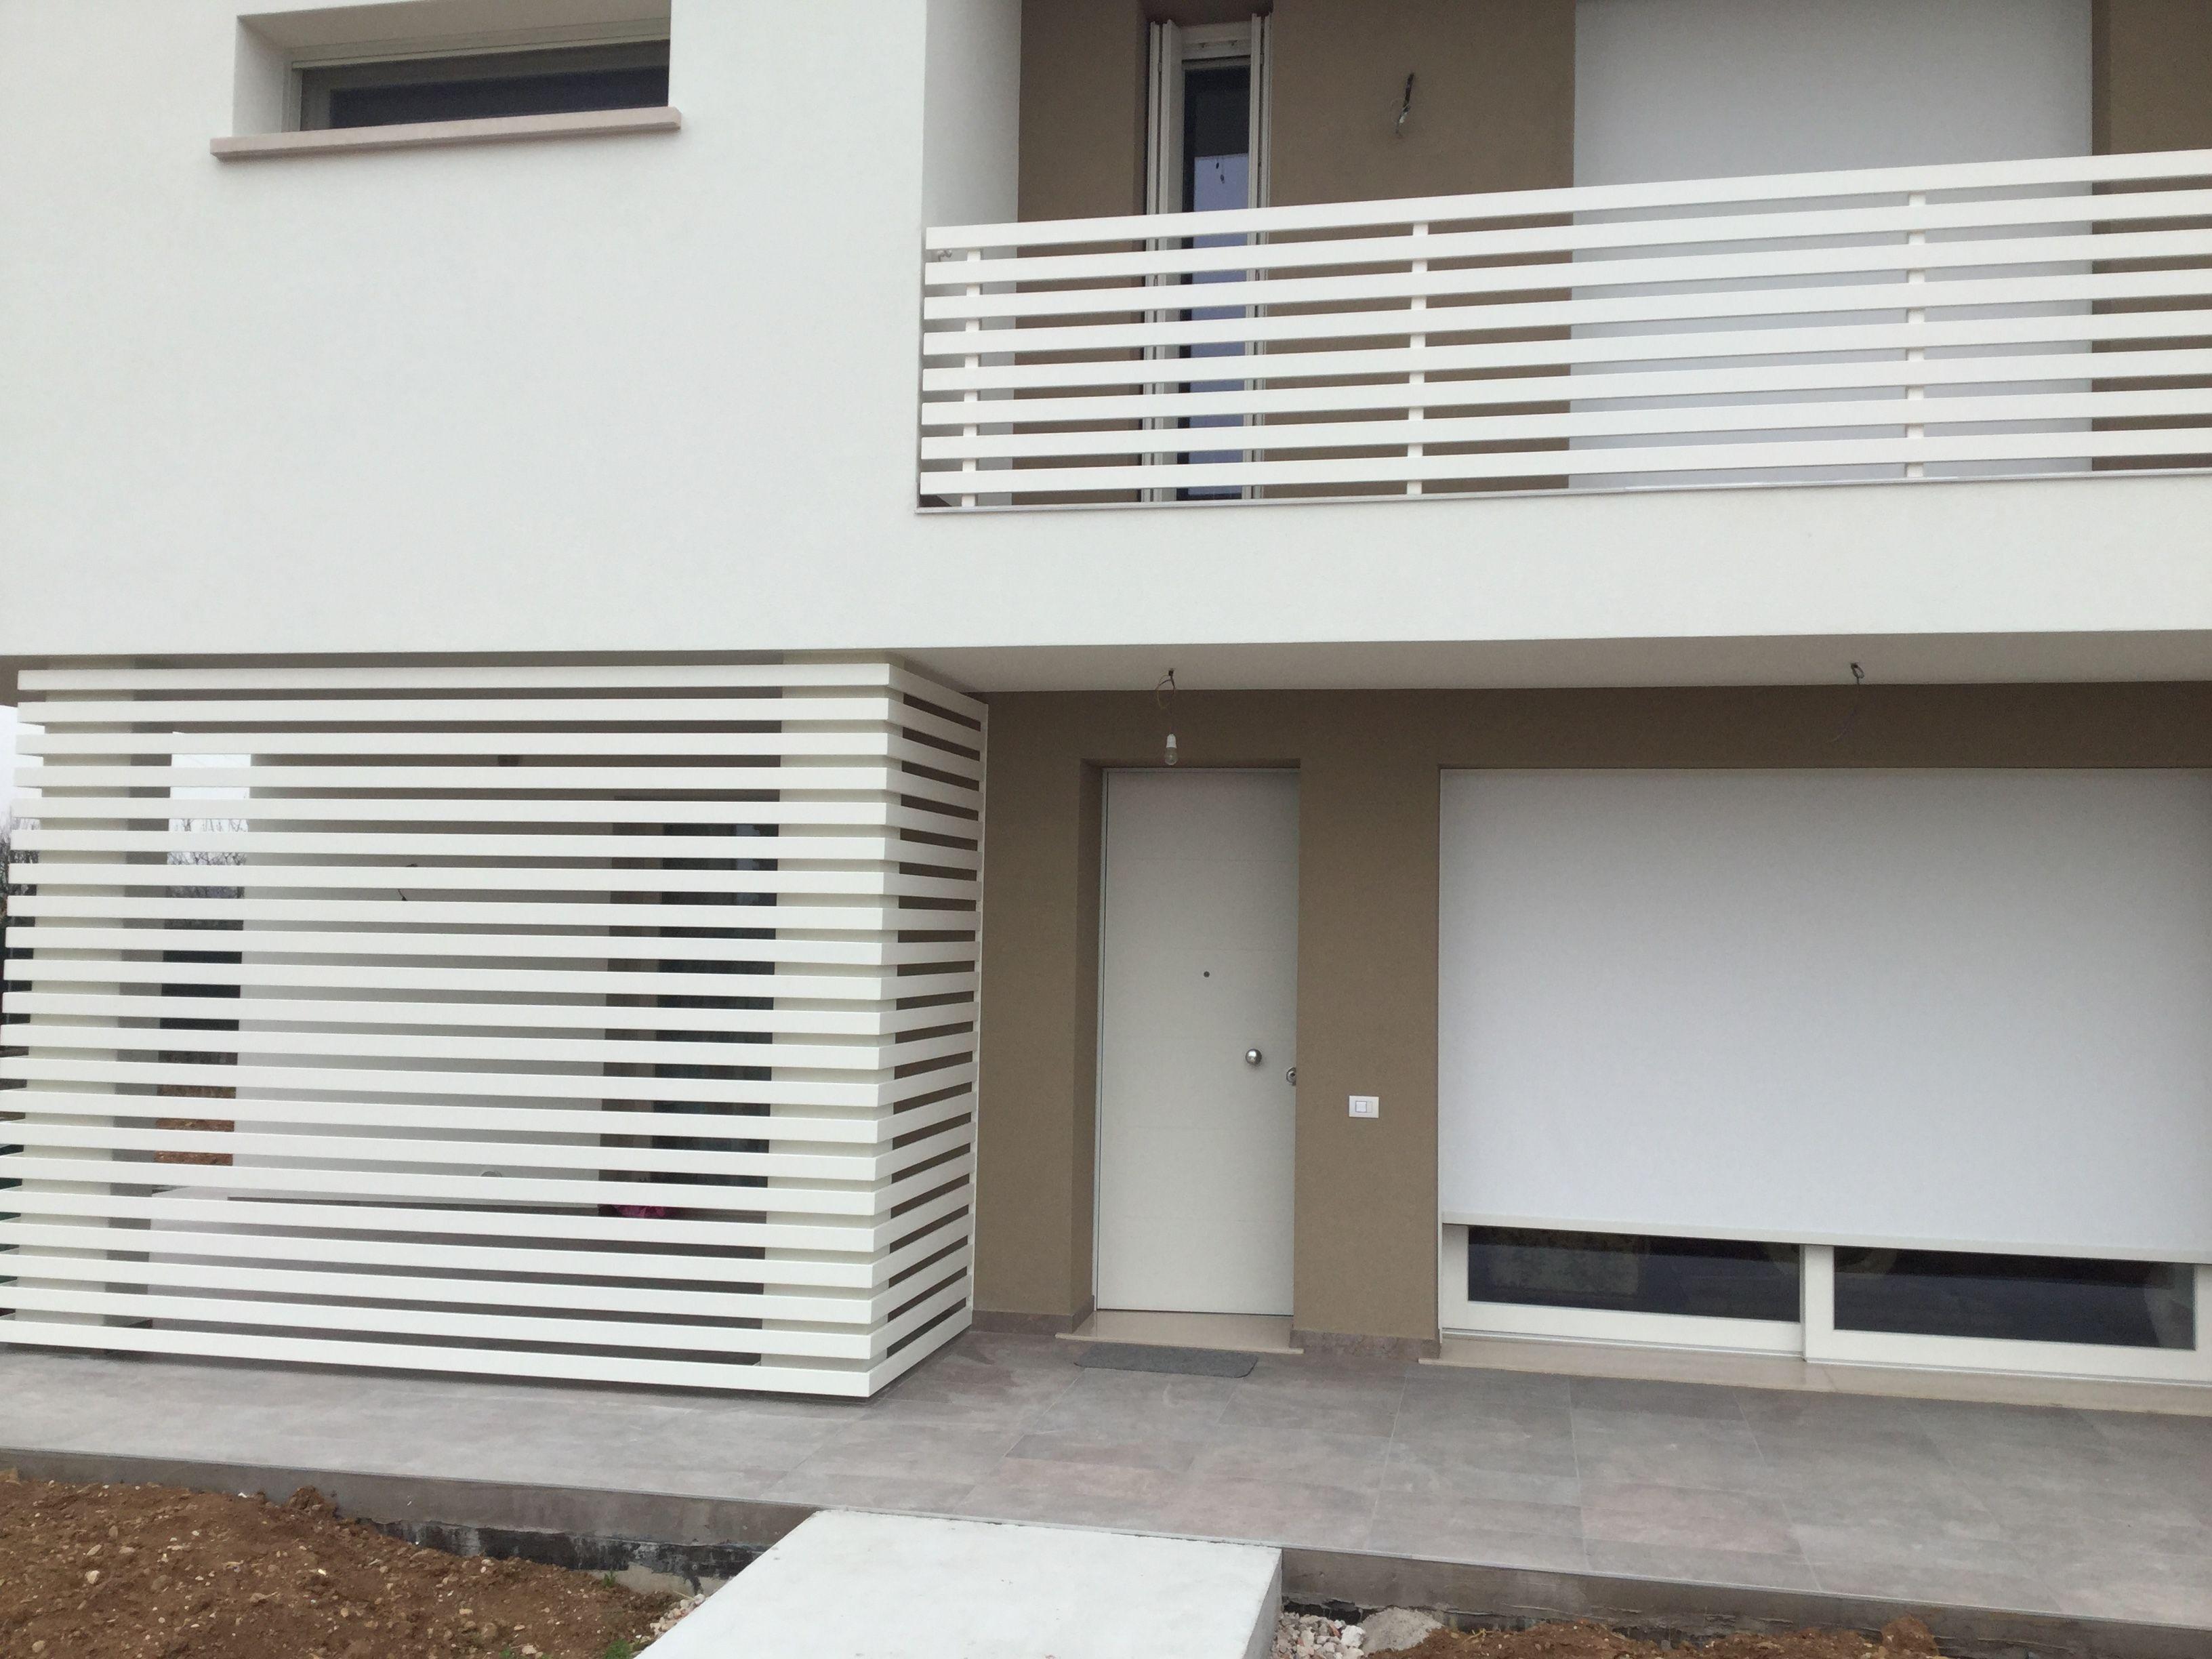 Ringhiere Per Terrazze Esterne ringhiera terrazza e frangisole design moderno | balcone